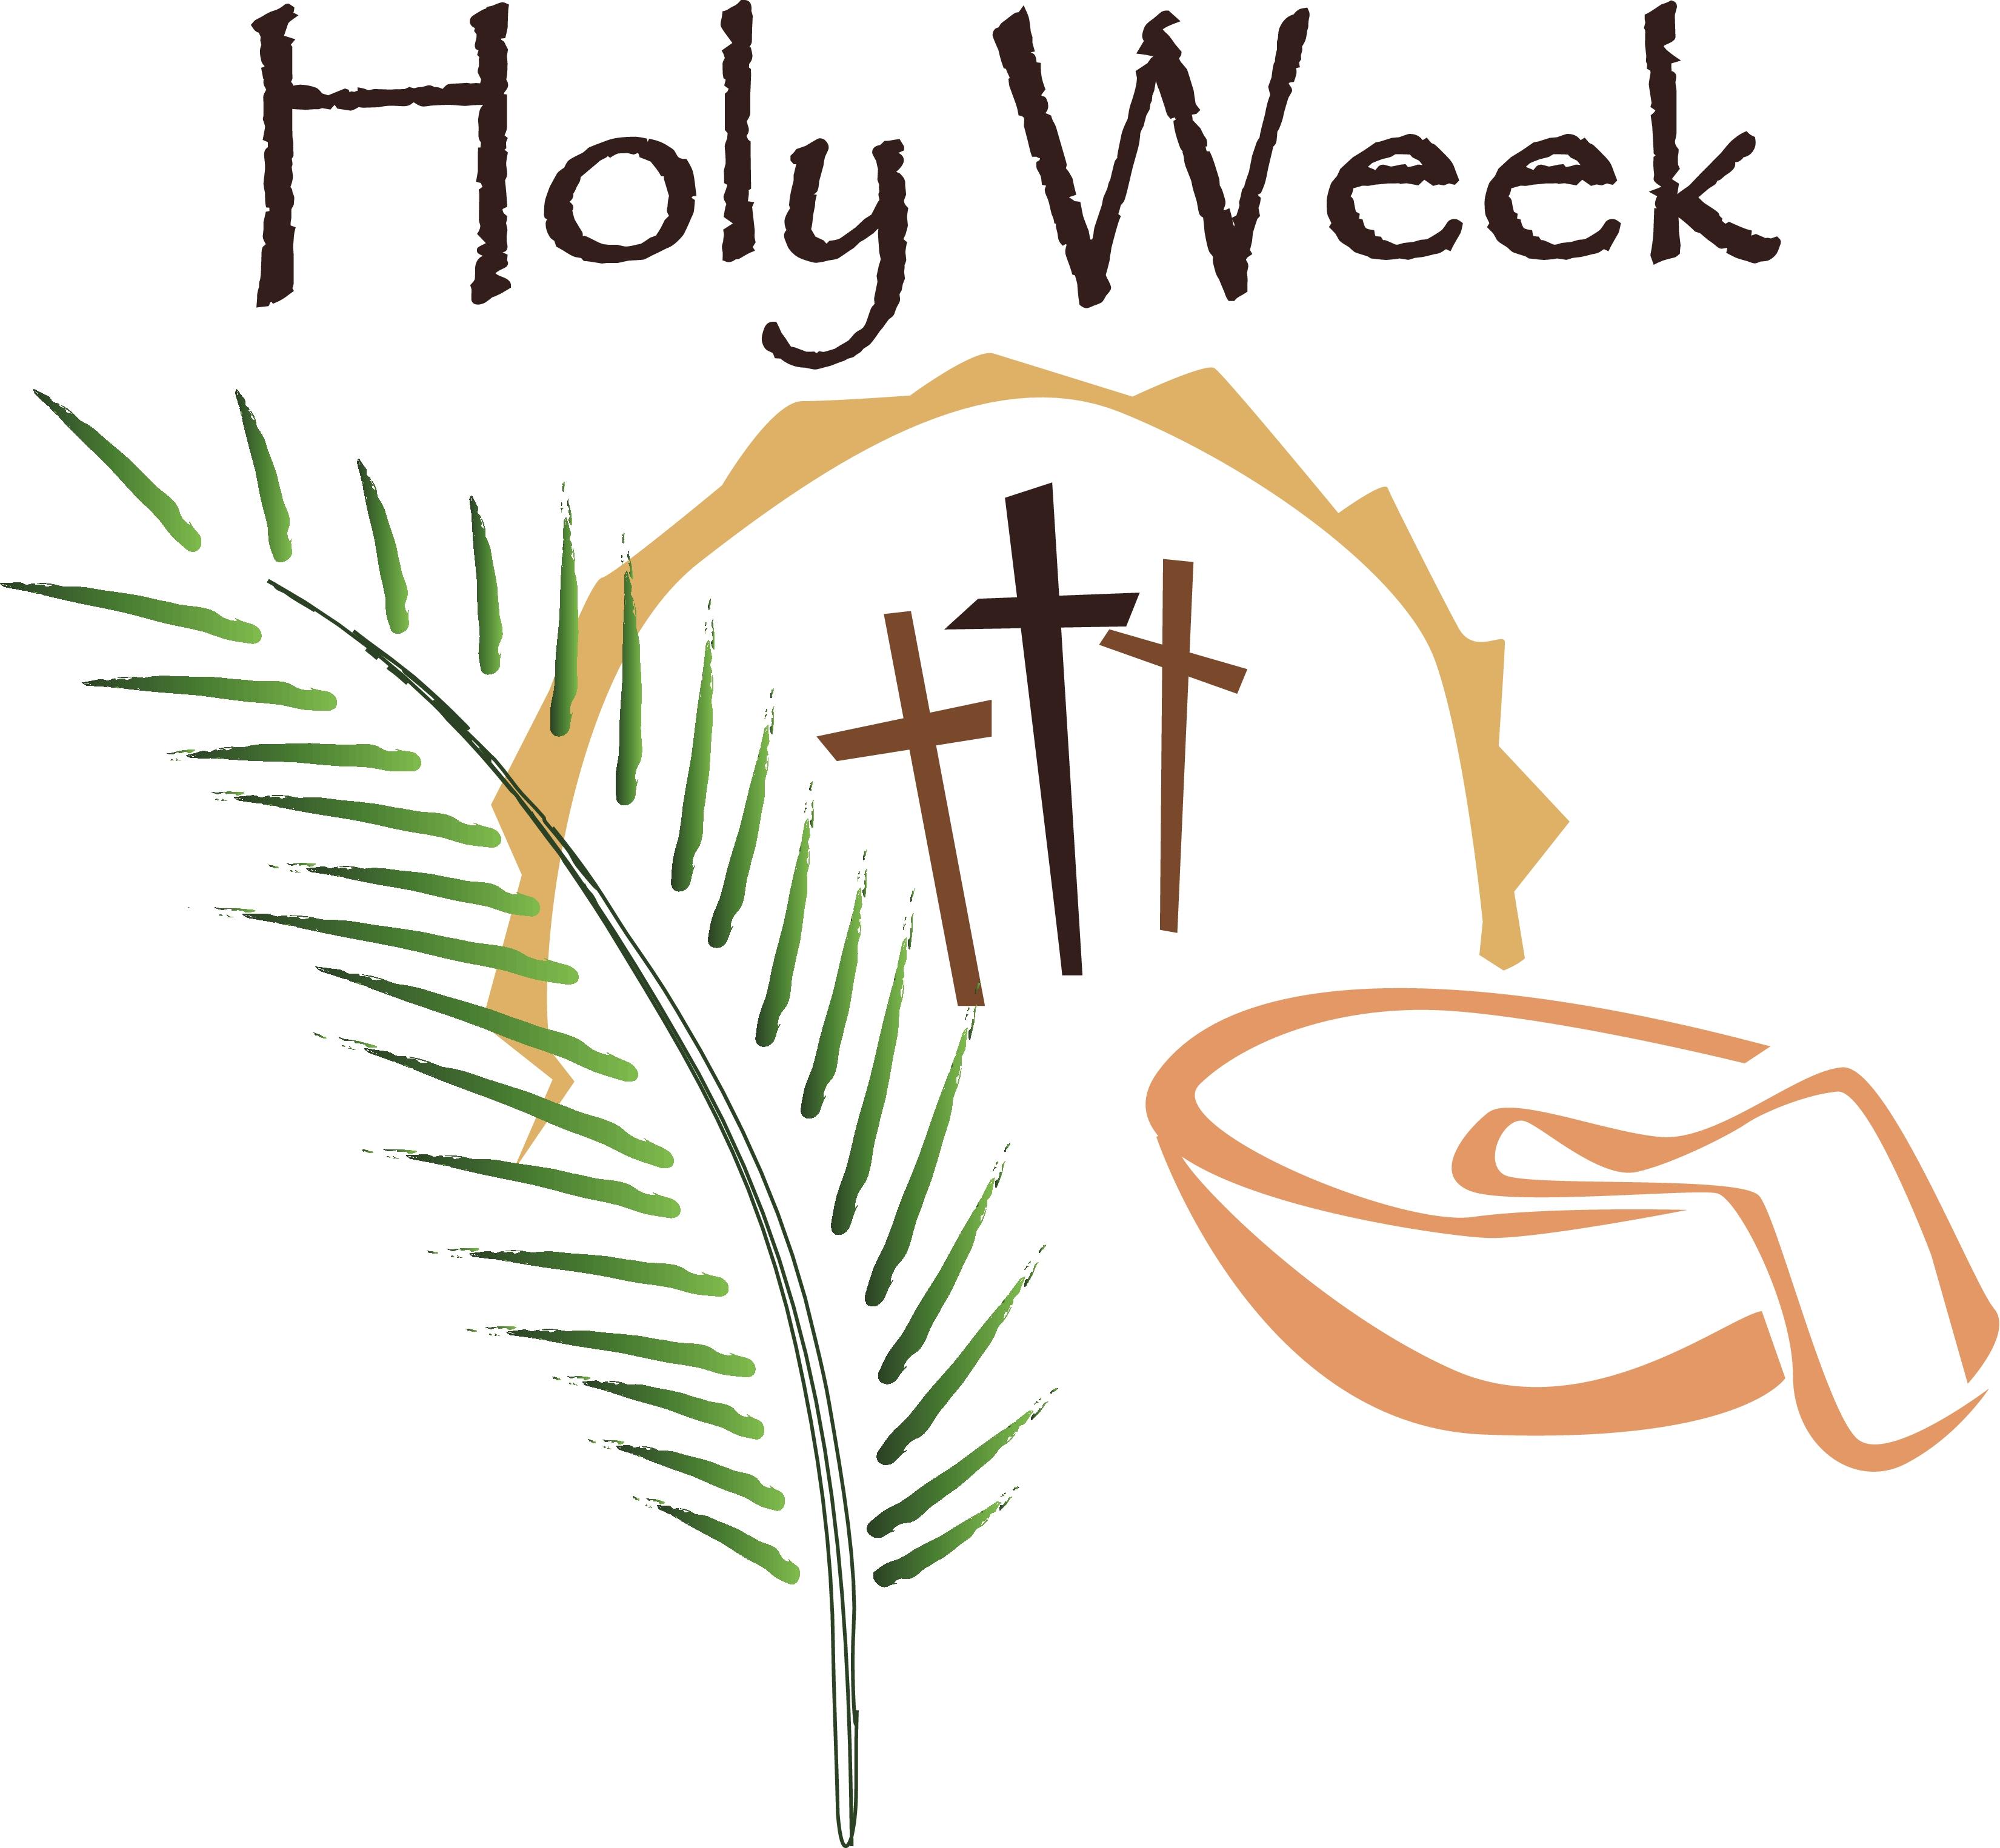 Holy Week Explained In 2 Minutes Catholi-Holy Week Explained In 2 Minutes Catholic Link-16